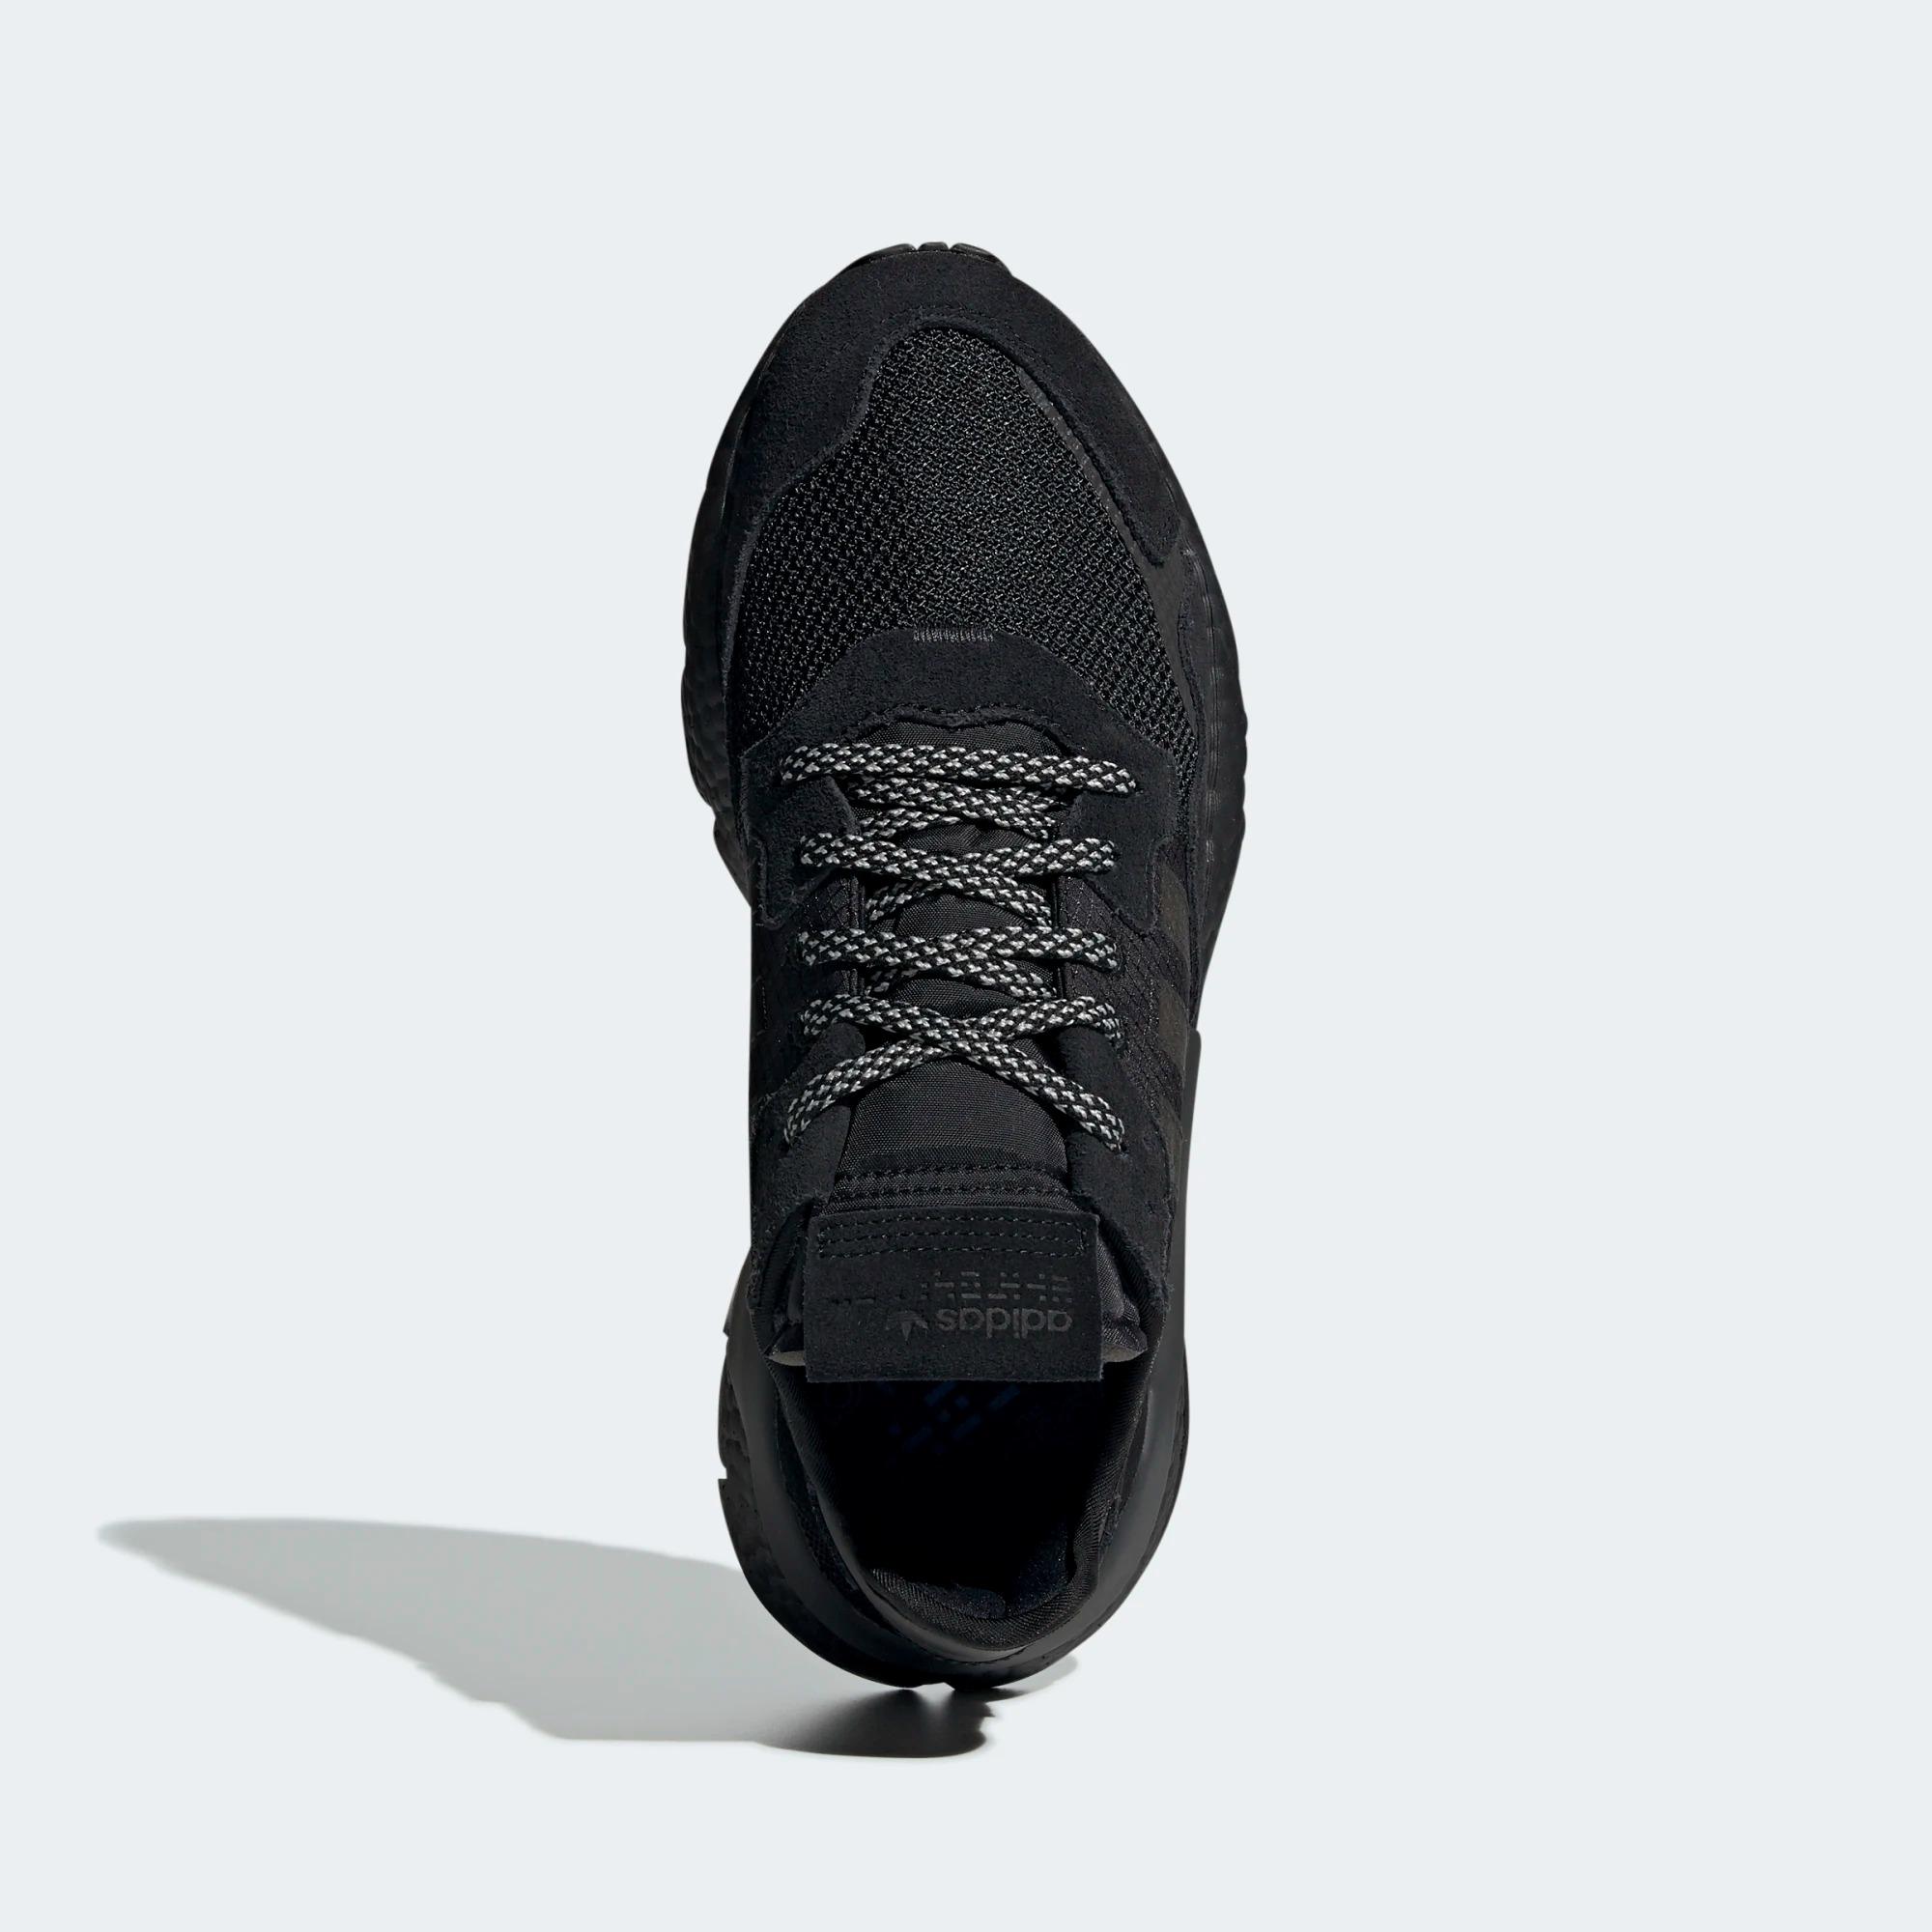 BD7954 adidas Nite Jogger Triple Black 3